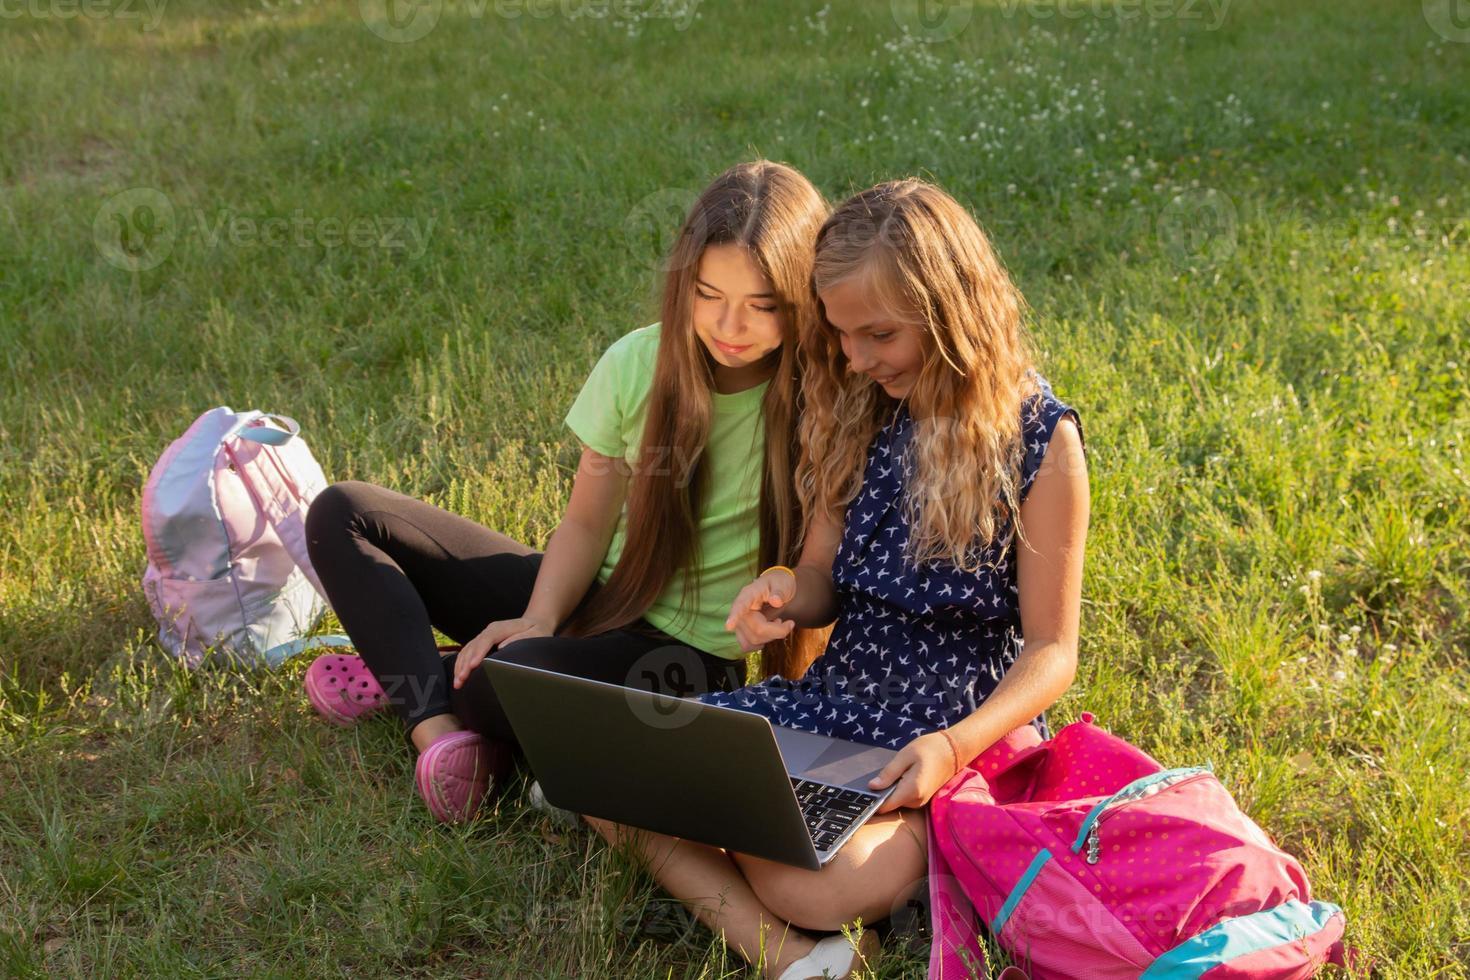 duas garotas com laptop na grama do lado de fora foto